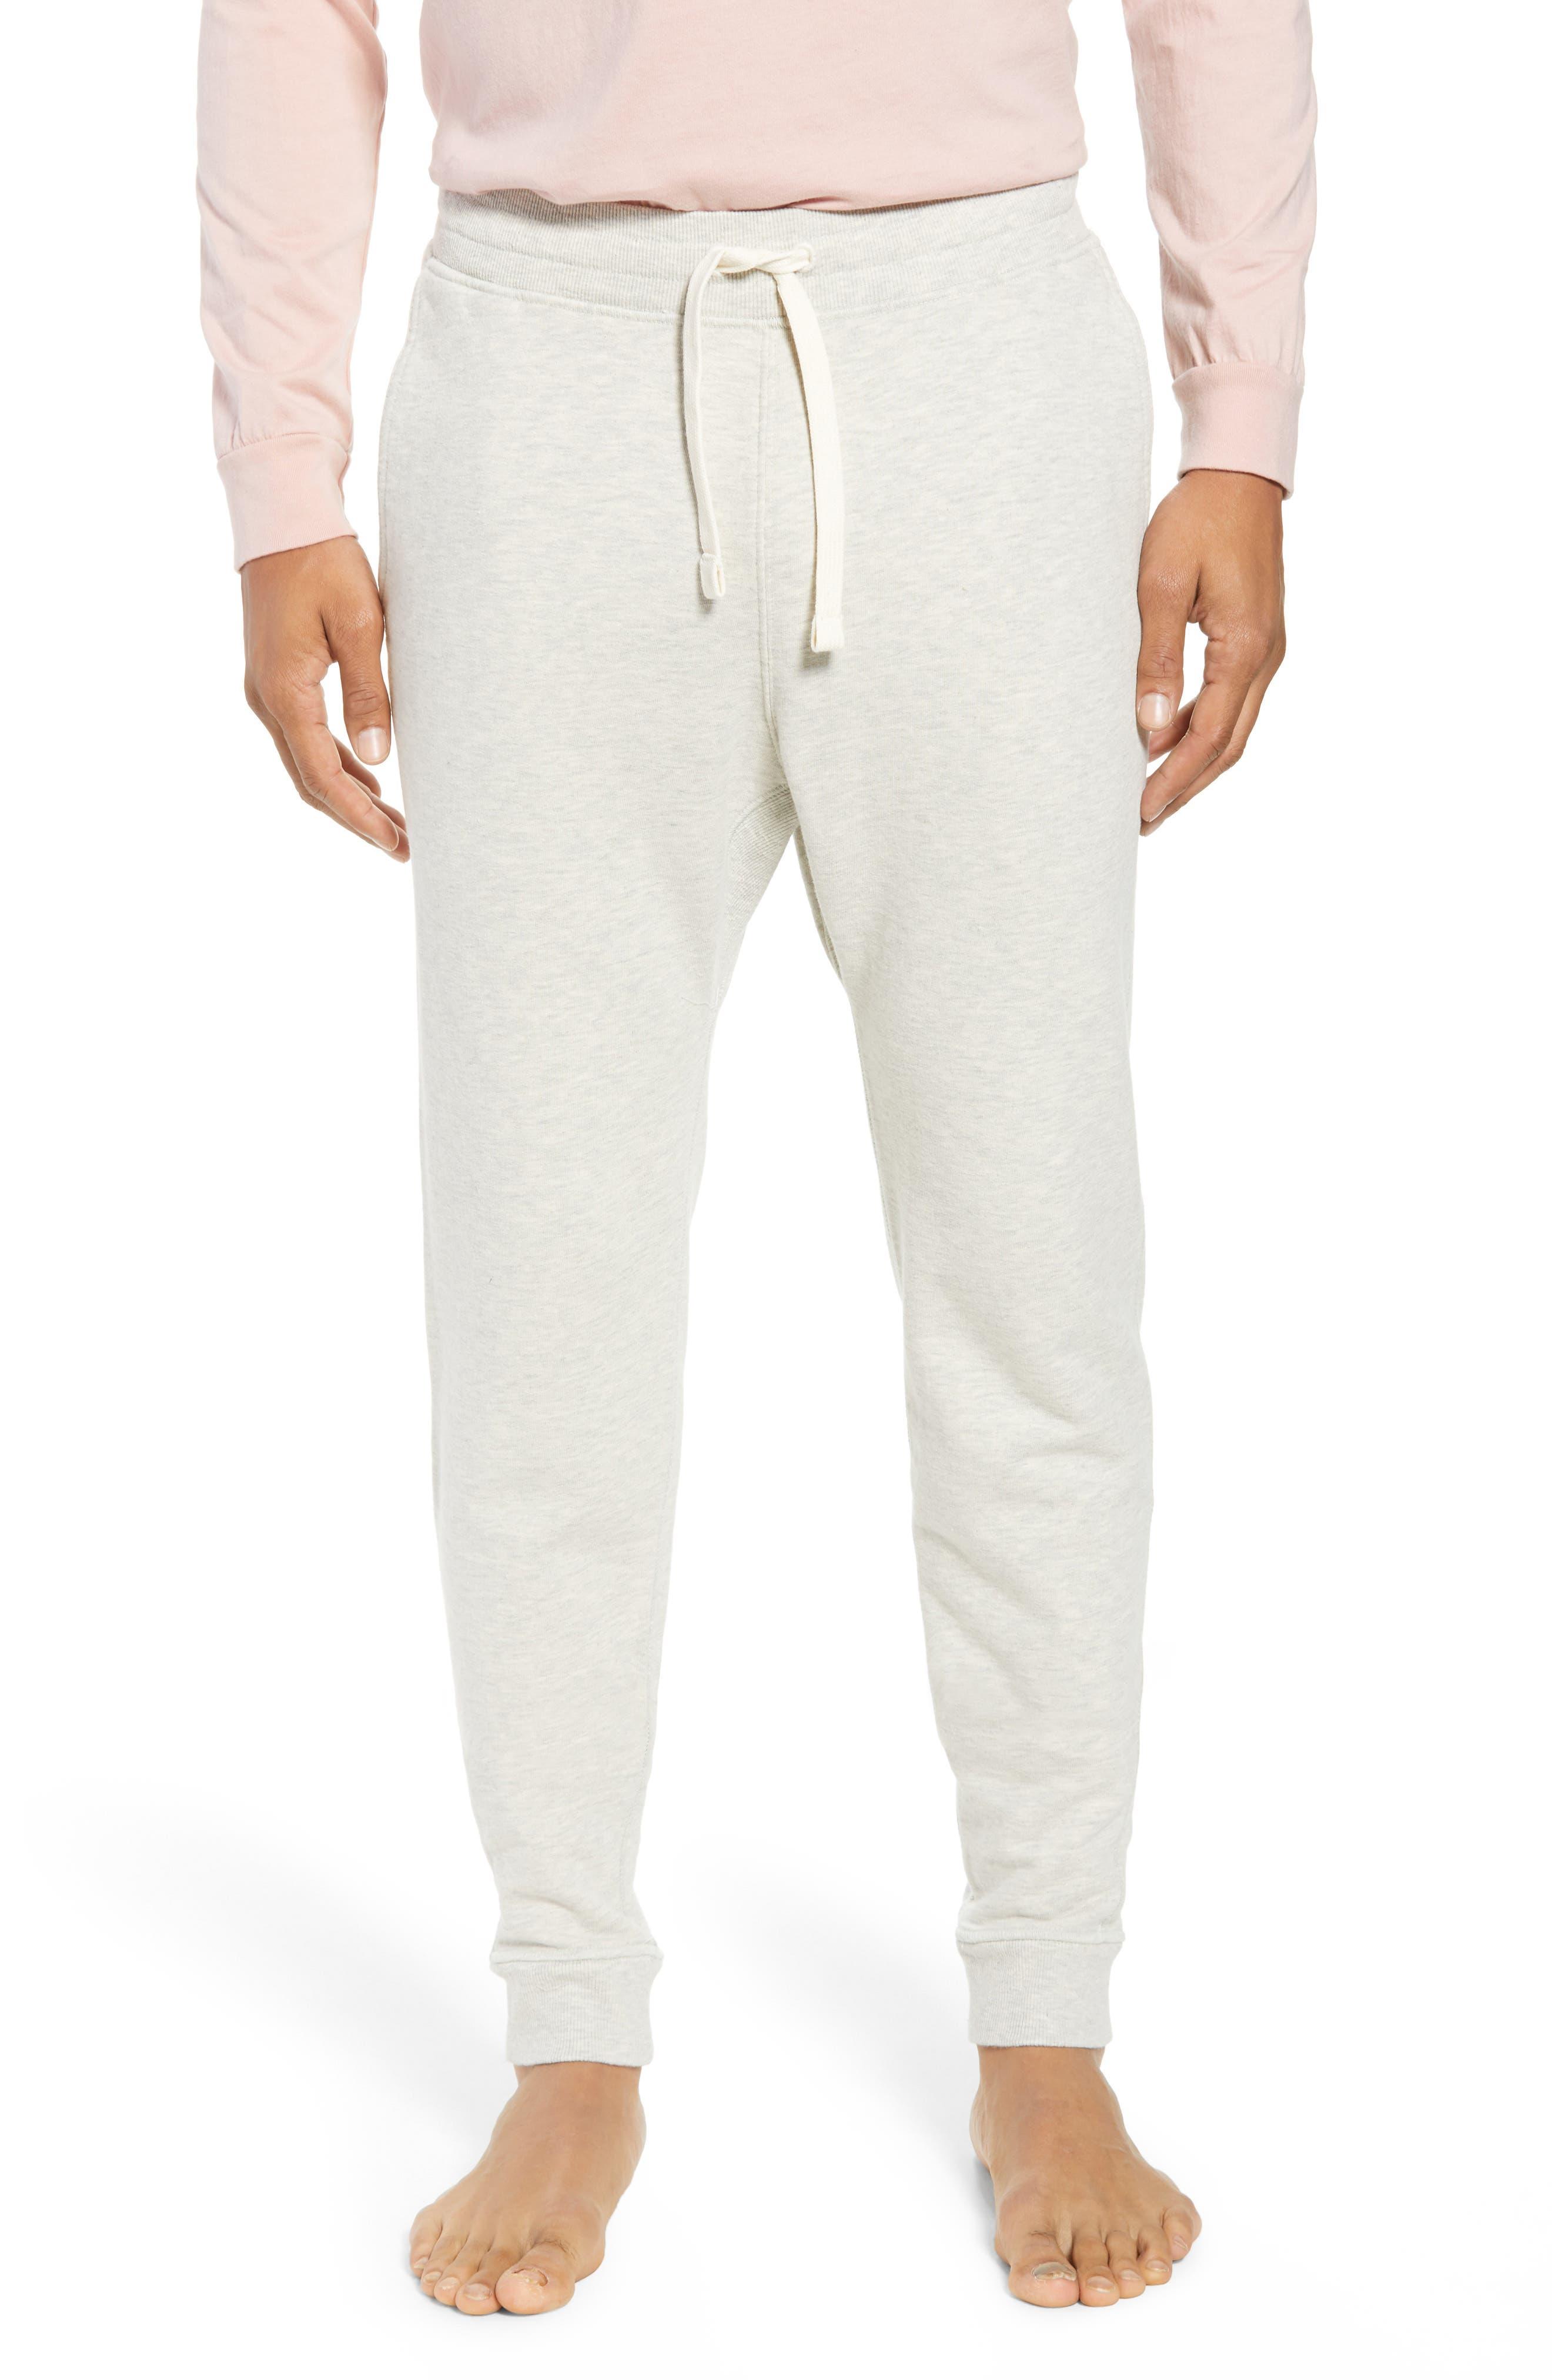 RICHER POORER, Cotton Lounge Pants, Main thumbnail 1, color, OATMEAL